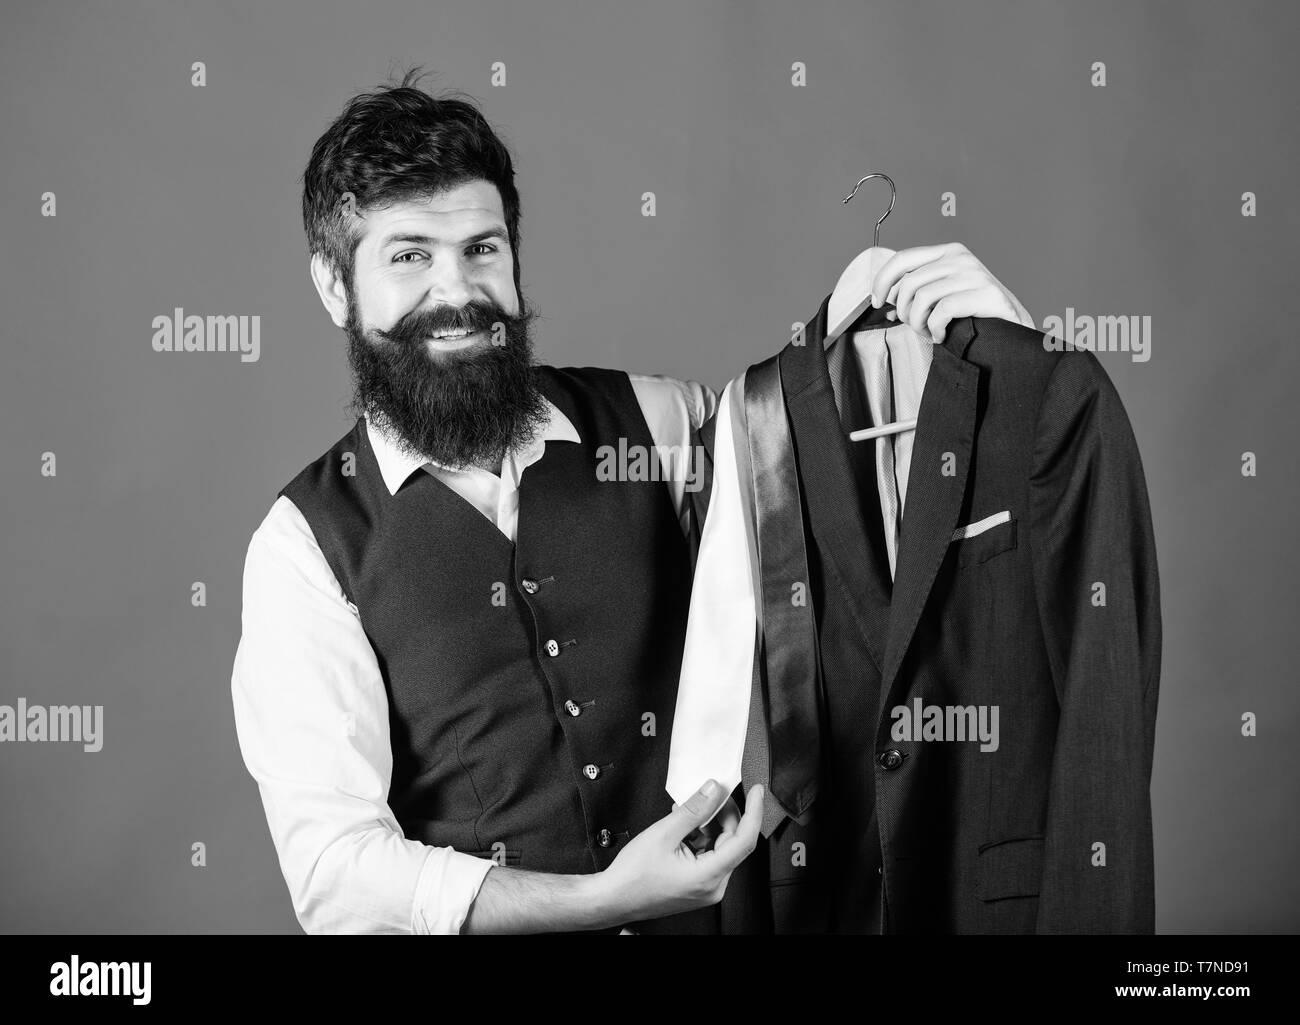 Dependienta o estilista personal de servicio. Traje corbata coincidentes. El hombre barbado hipster mantenga corbatas y traje formal. Corbata perfecta. Concepto de compras. Consejos del estilista. Dificultad para elegir corbata. Imagen De Stock